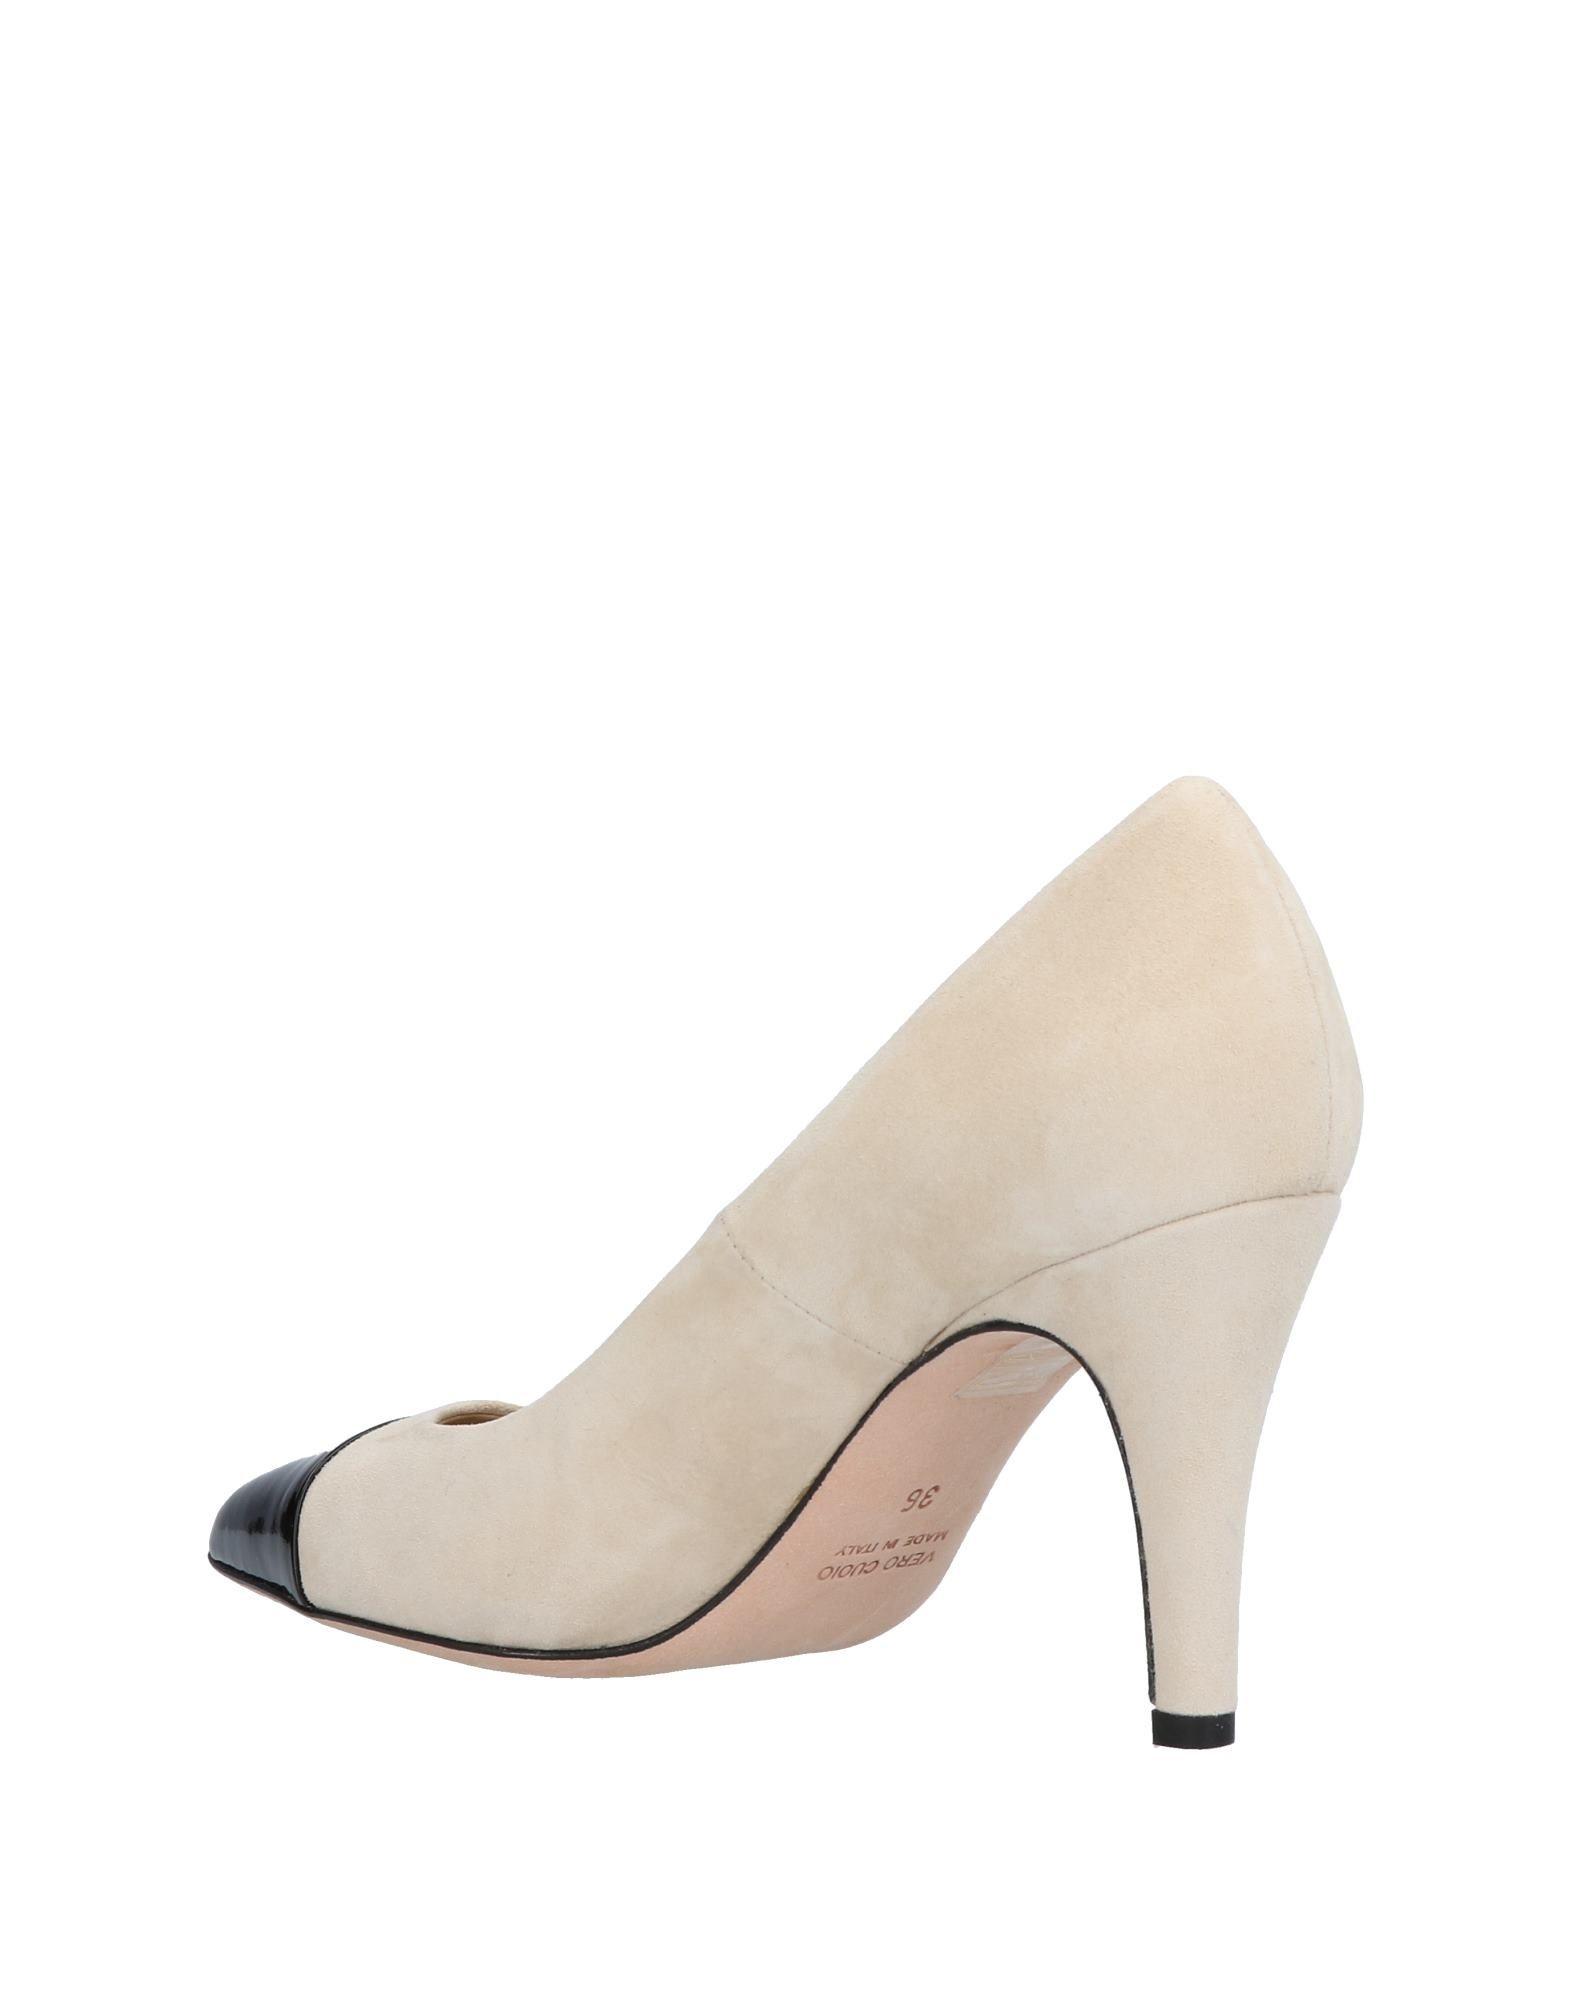 Stilvolle Damen billige Schuhe Arfango Pumps Damen Stilvolle  11475459XM 0e5f9a